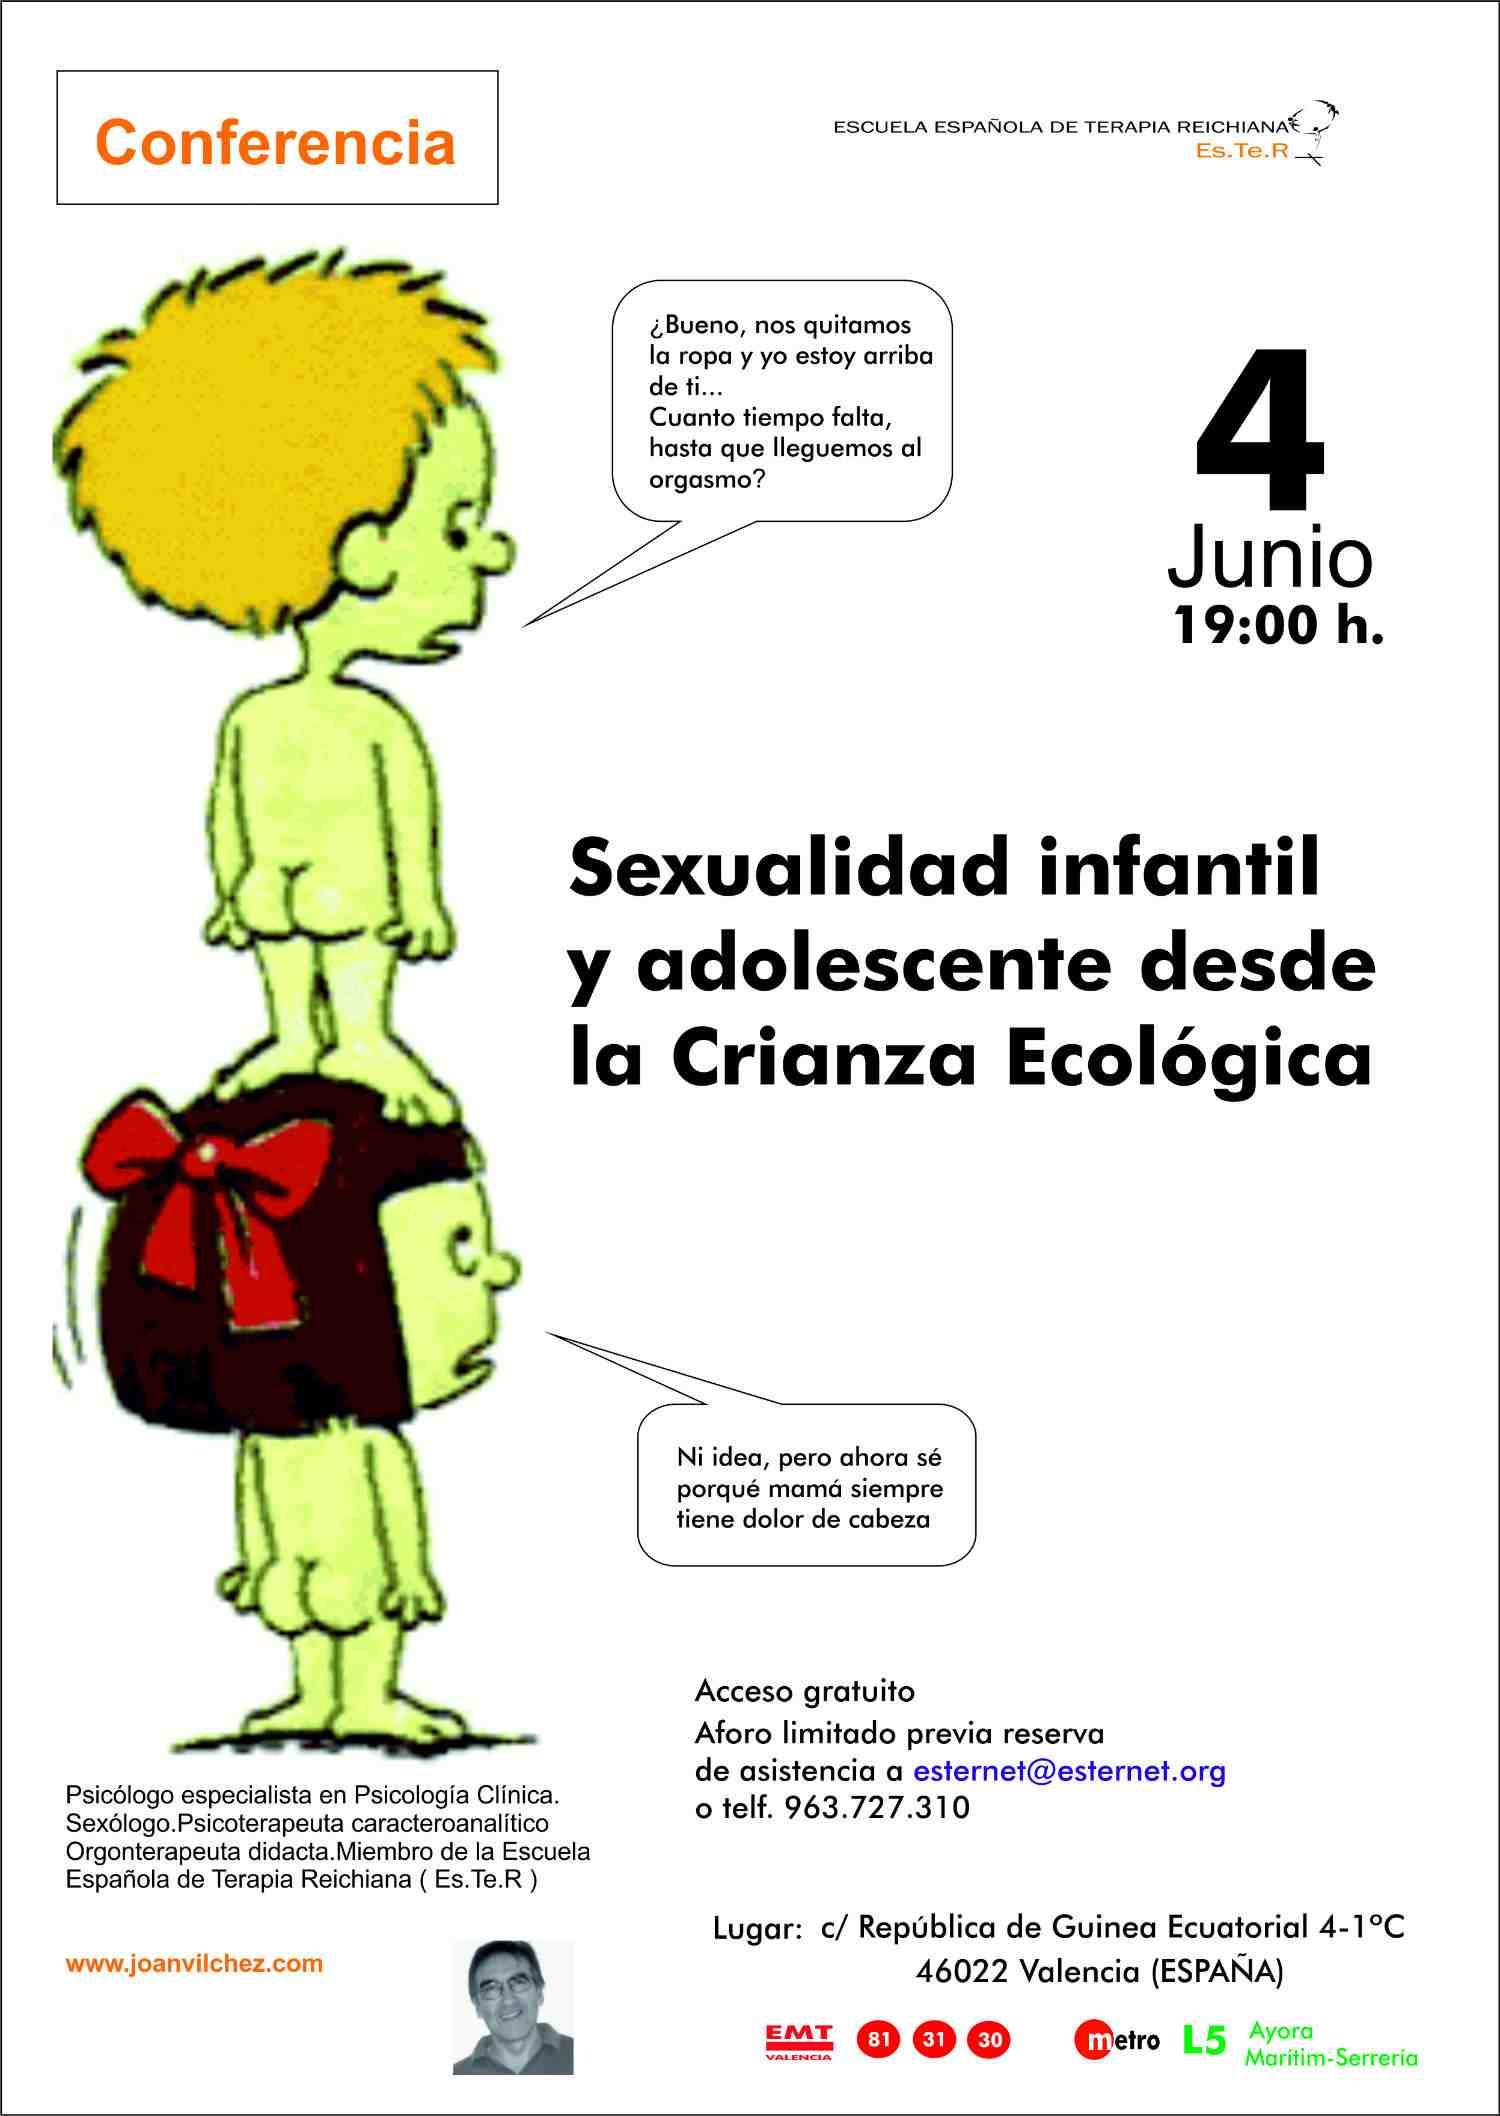 Joan Vílchez-PSICÓLOGO–SEXÓLOGO-PSICOTERAPEUTA en Valencia. Sexualidad infantil y adolescente en Crianza Ecológica/Cartel Conferencia-Es.Te.R.